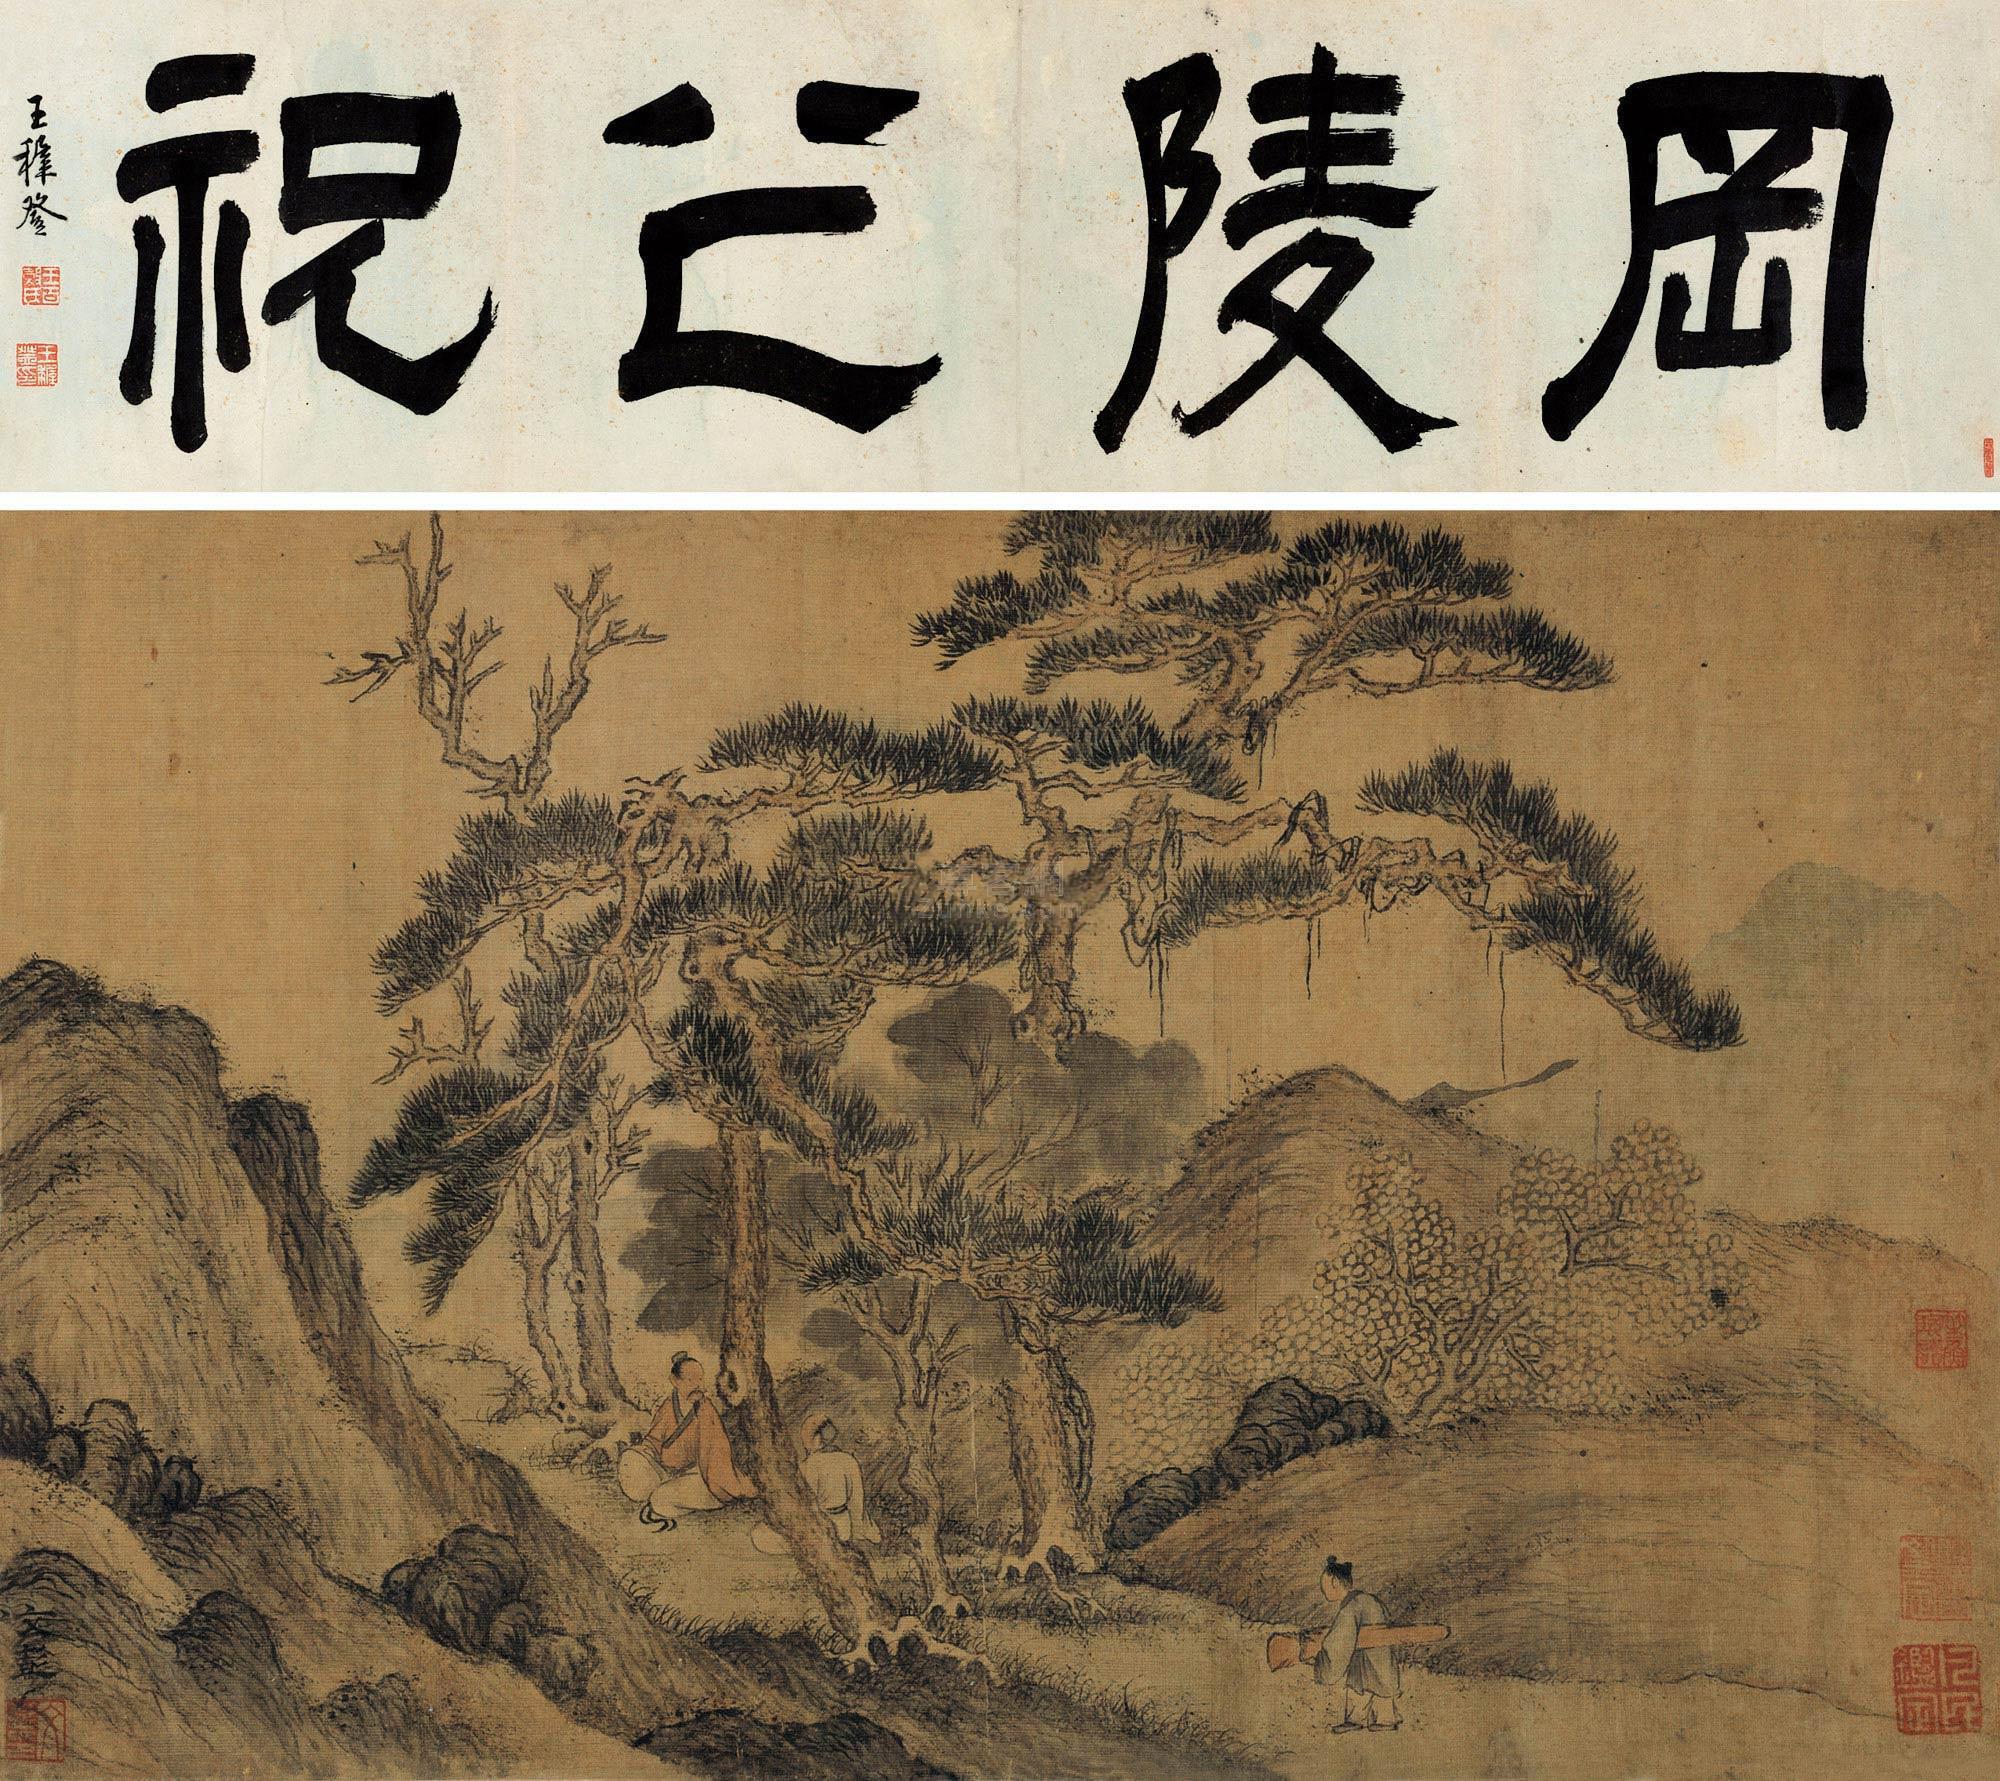 文彭 松山高士图 手卷 设色绢本作品欣赏